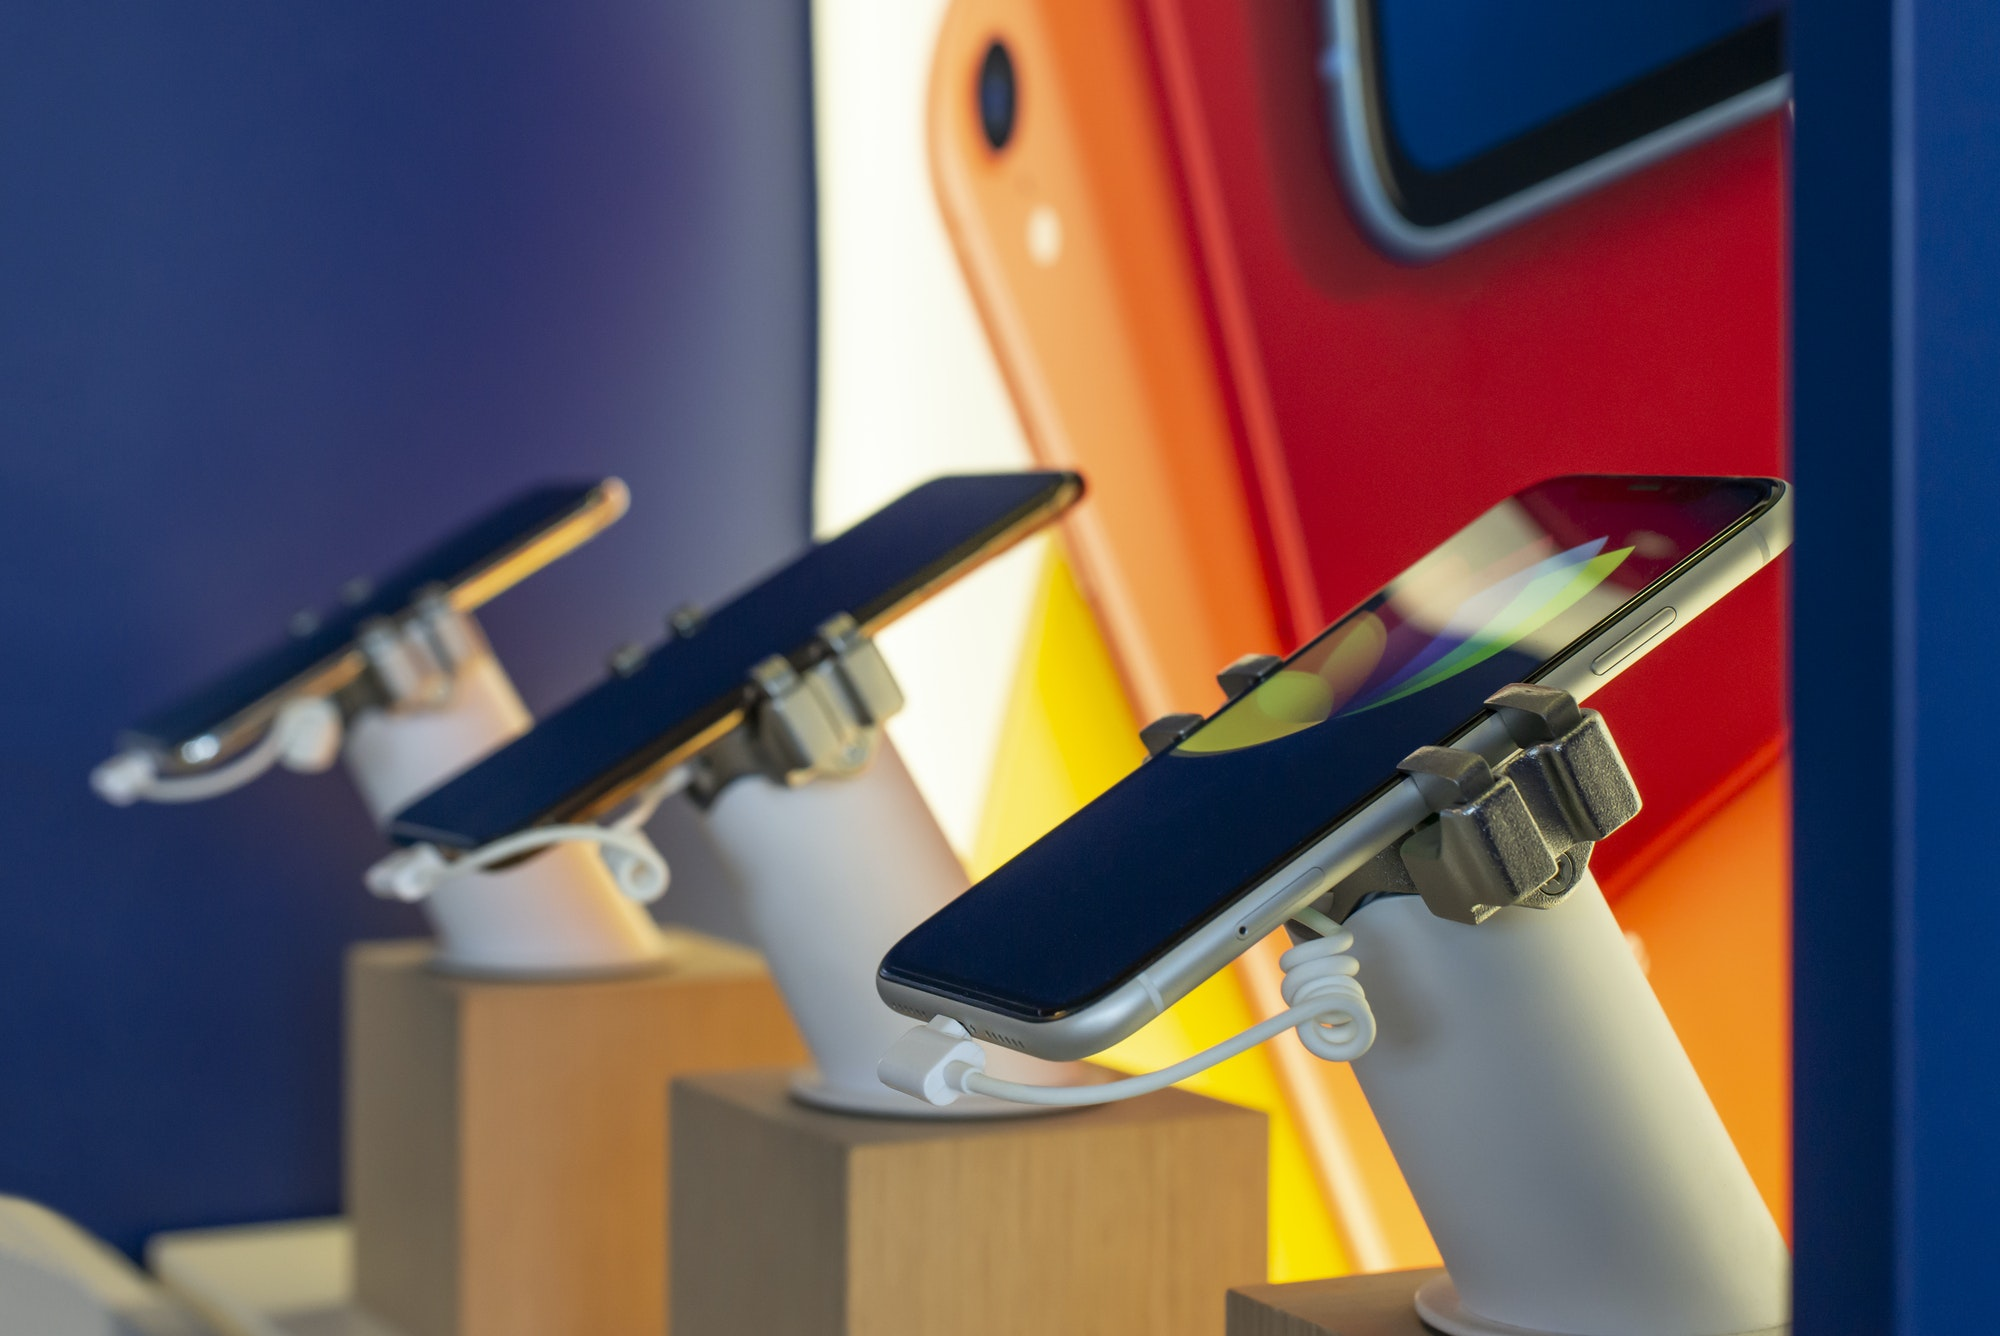 Günstige Smartphones bis 500 Euro im Test und Vergleich